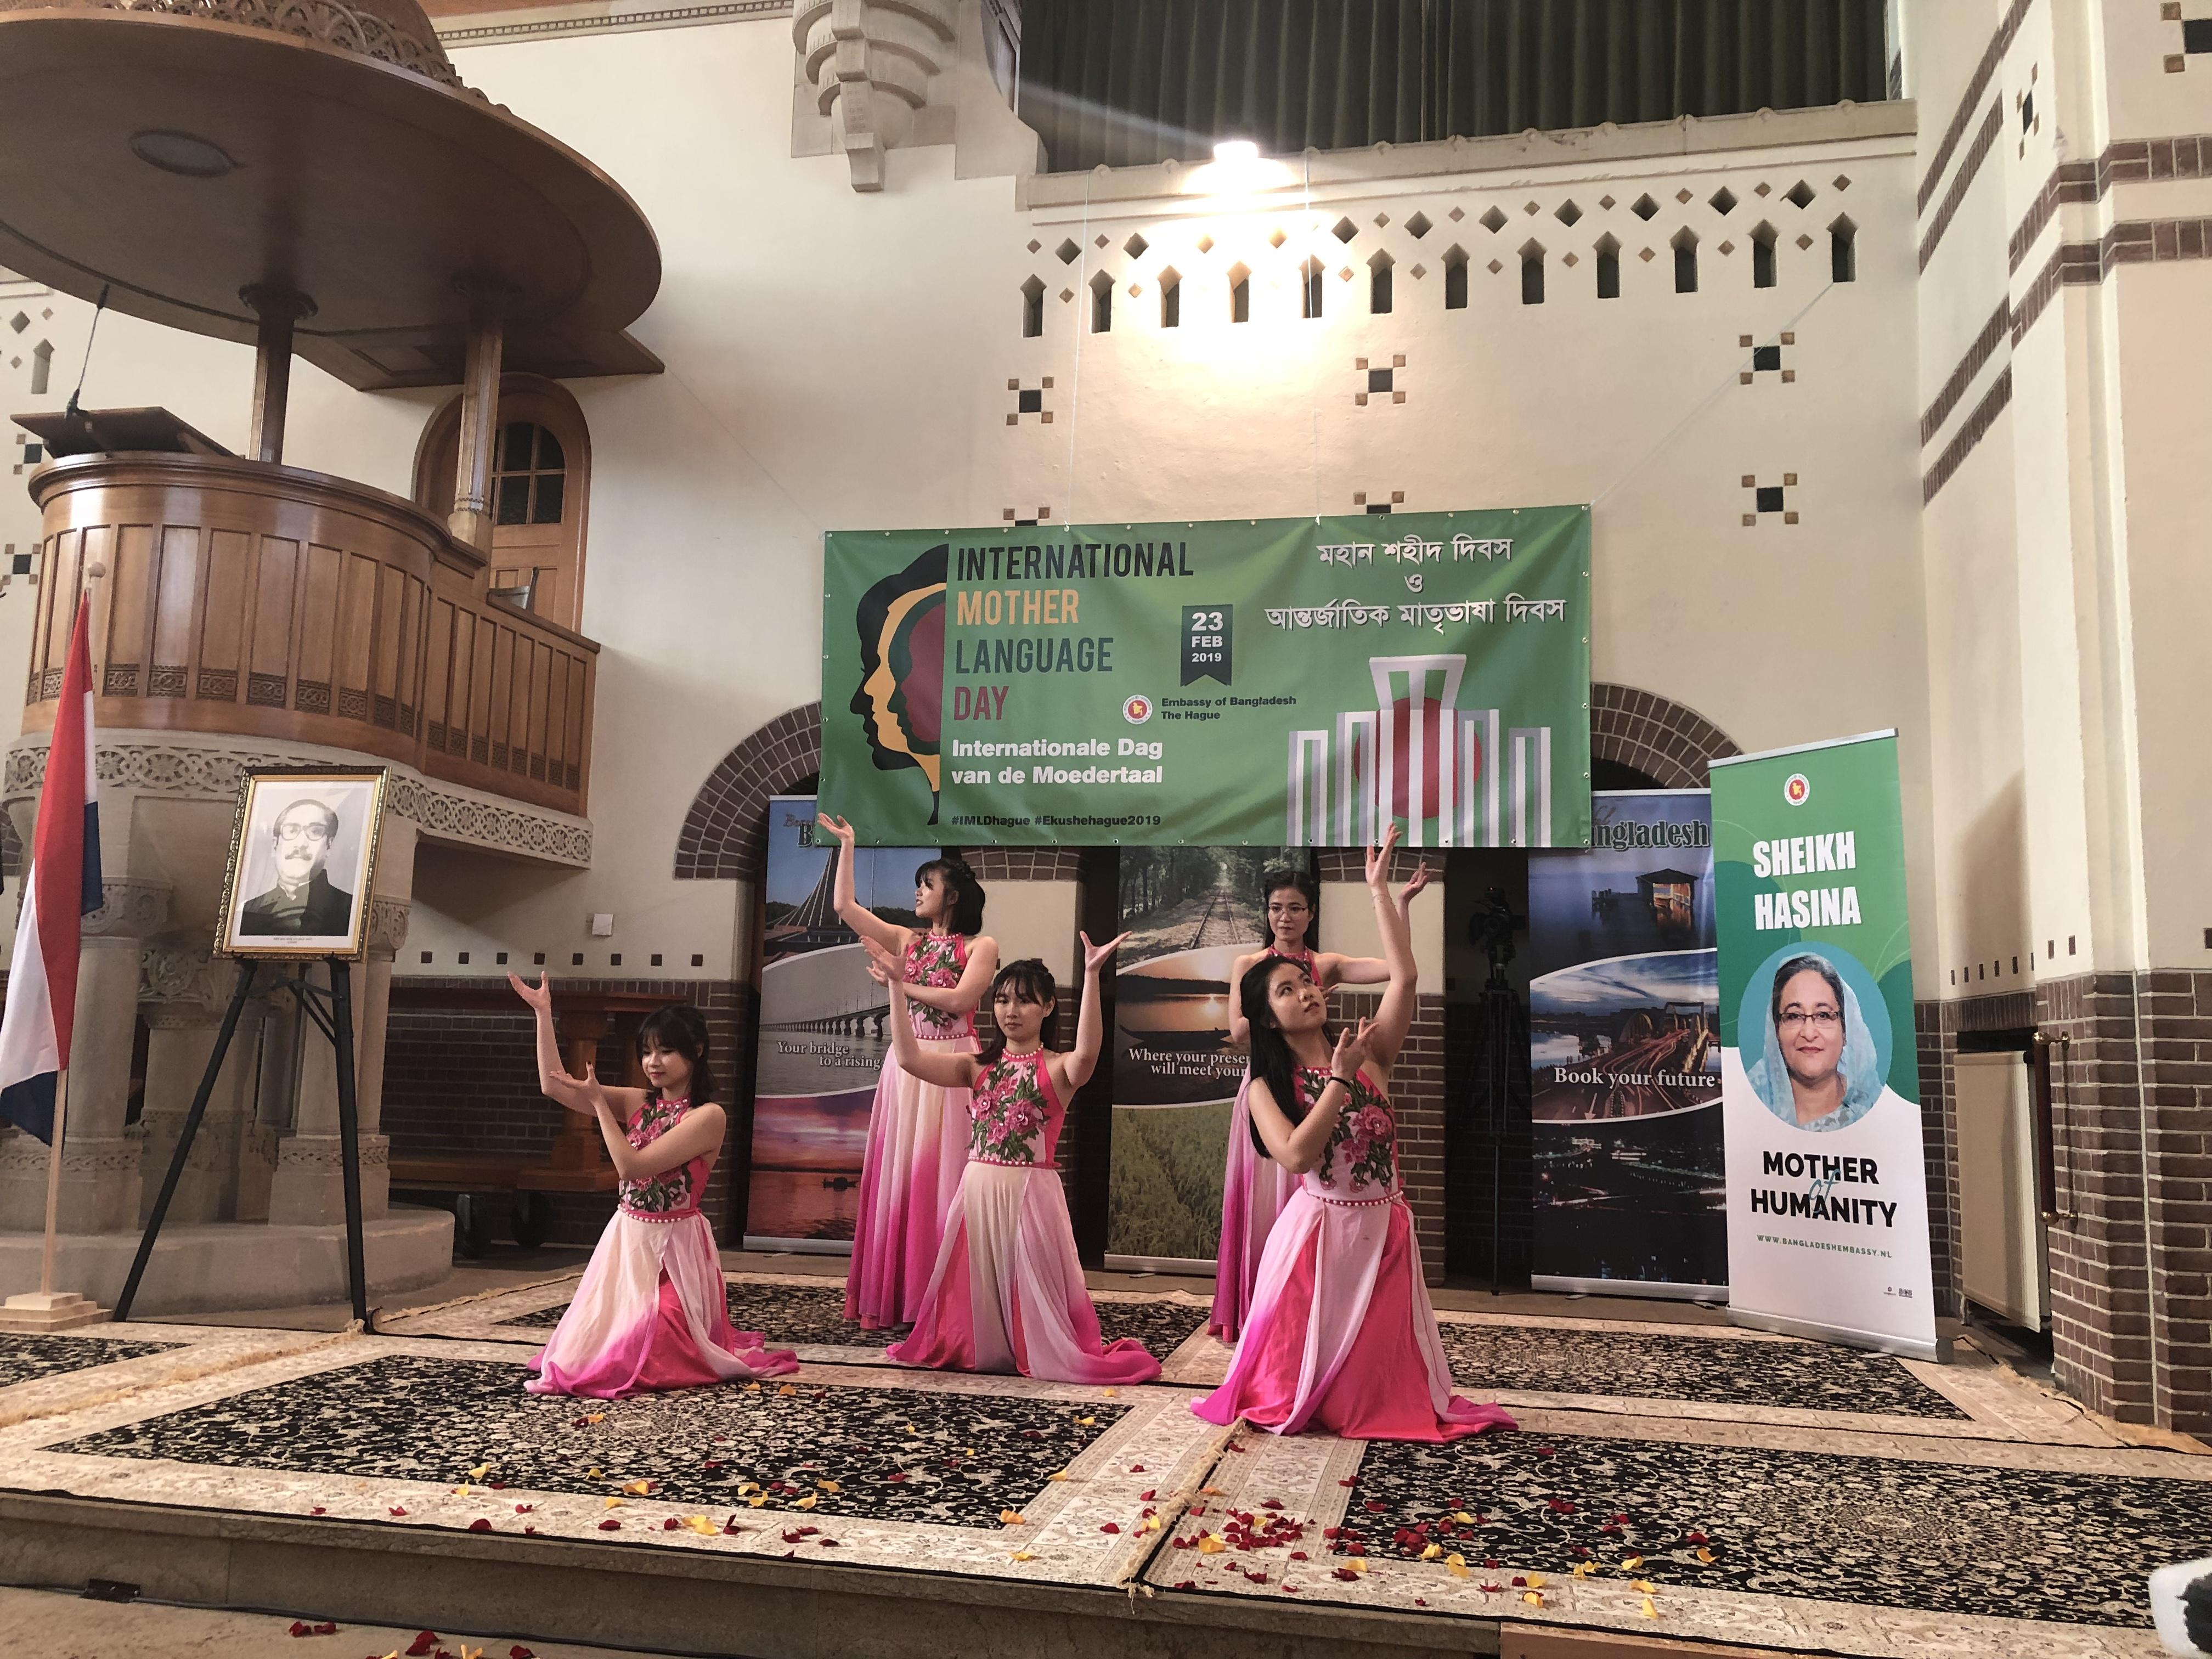 Việt Nam tham dự kỷ niệm Ngày quốc tế Tiếng mẹ đẻ tại Hà Lan